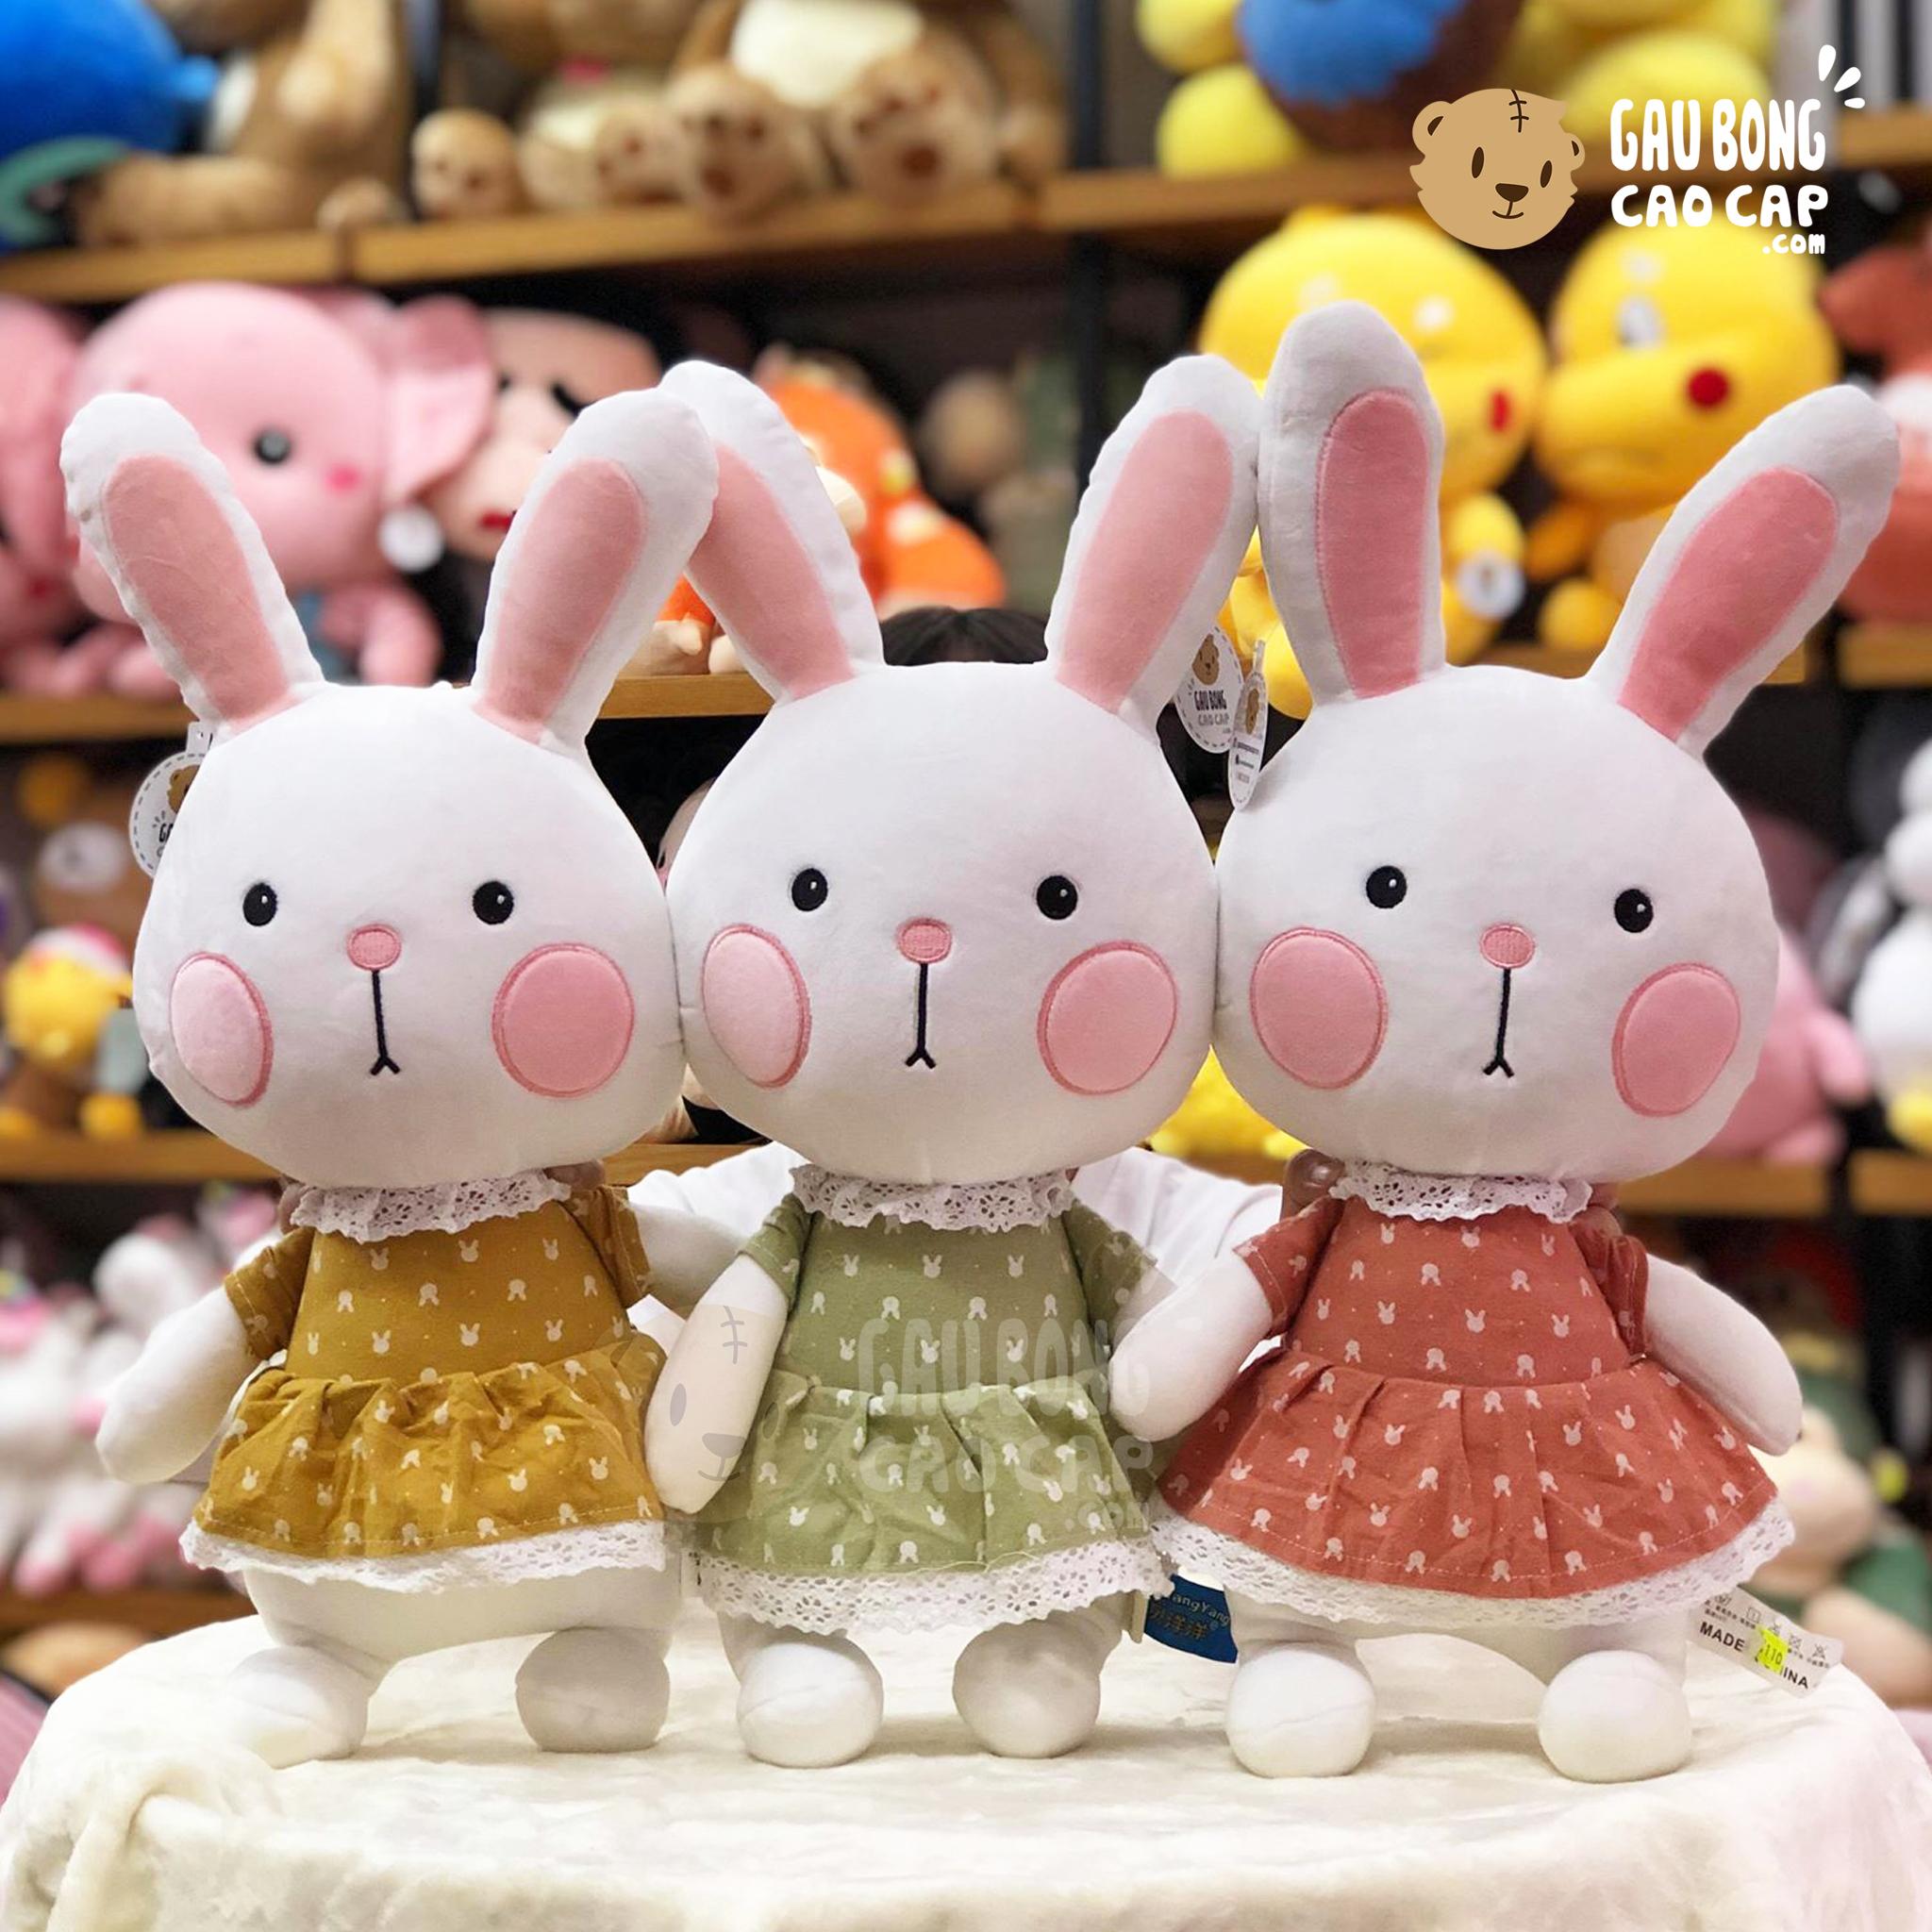 Thỏ Bông má Hồng mặc Đầm Chấm Bi